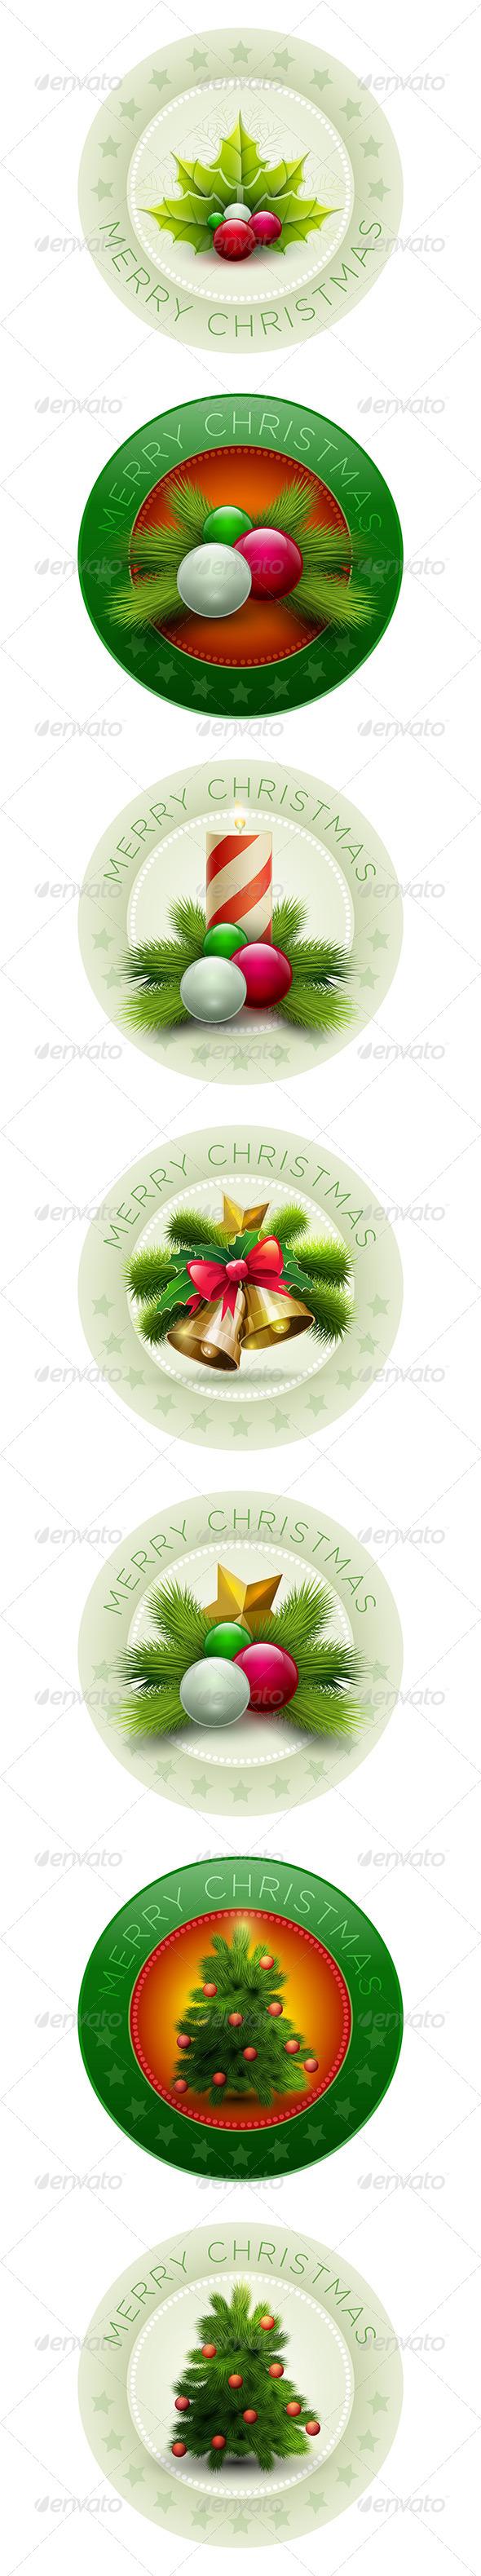 Christmas Badge Collection